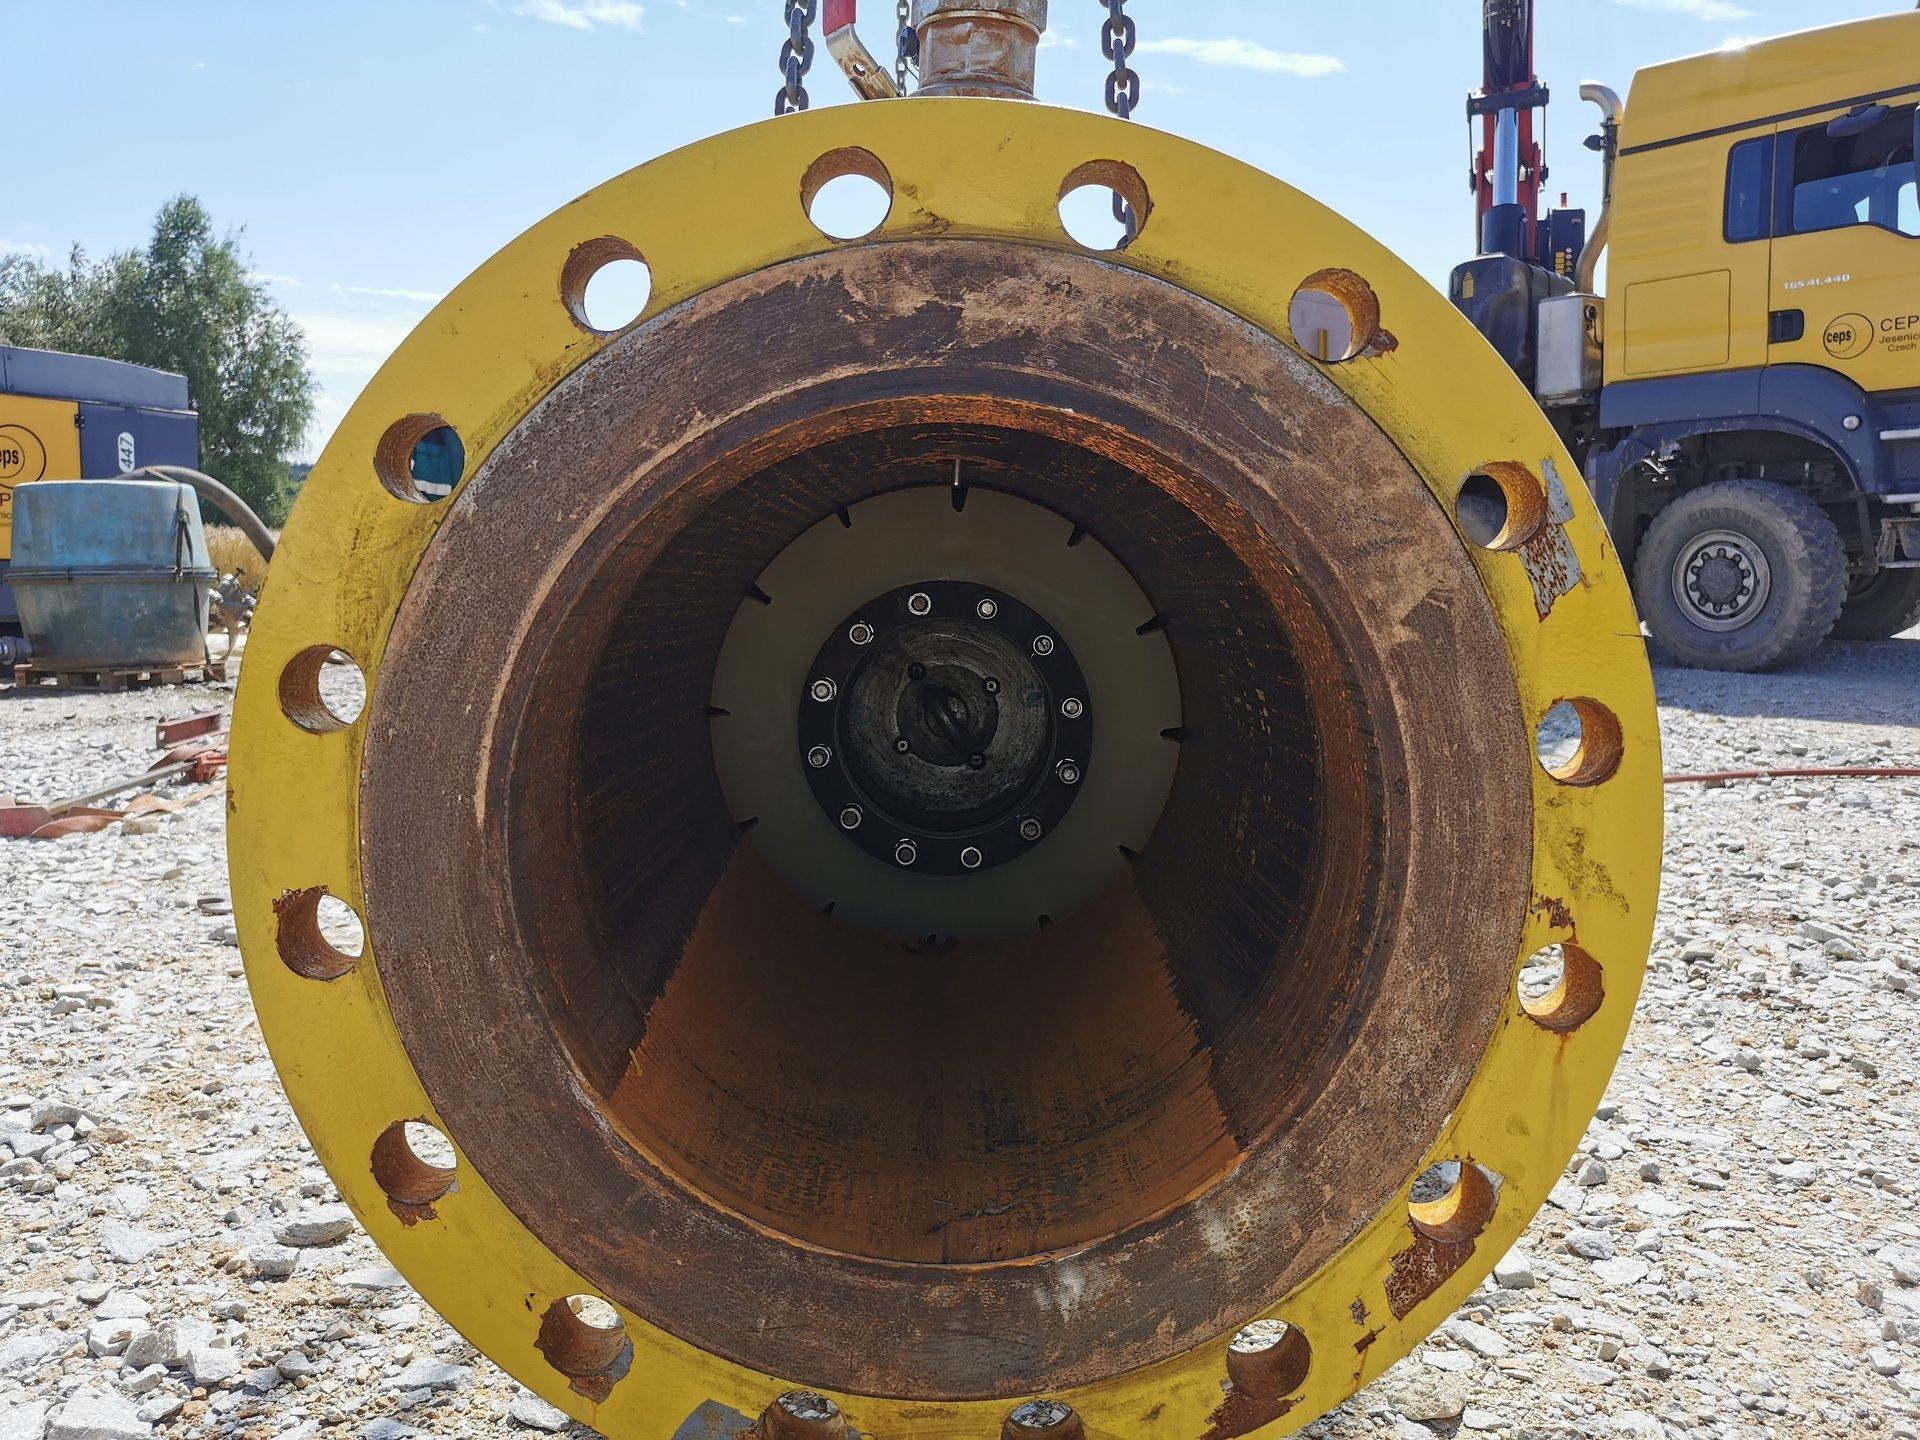 Naftoserwis przeprowadził inspekcję rurociągów w Czechach